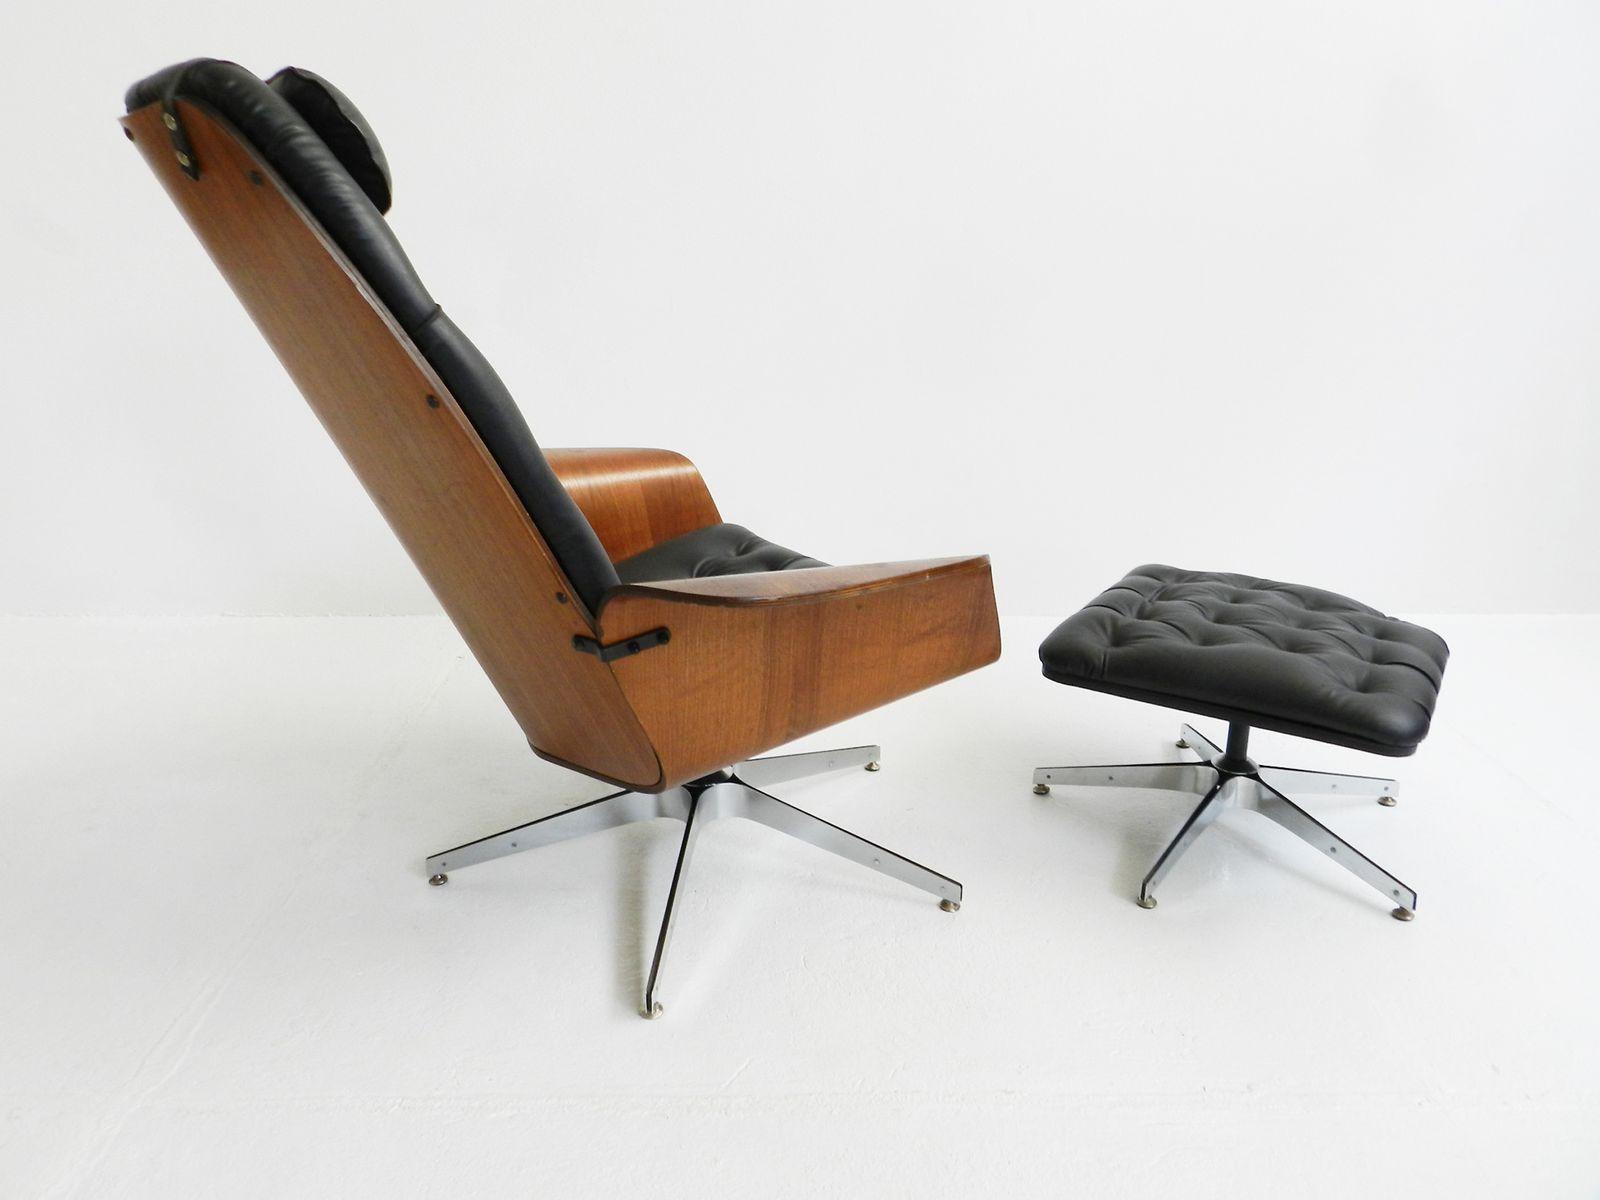 schwarzer ska sessel und ottomane von george mulhauser. Black Bedroom Furniture Sets. Home Design Ideas